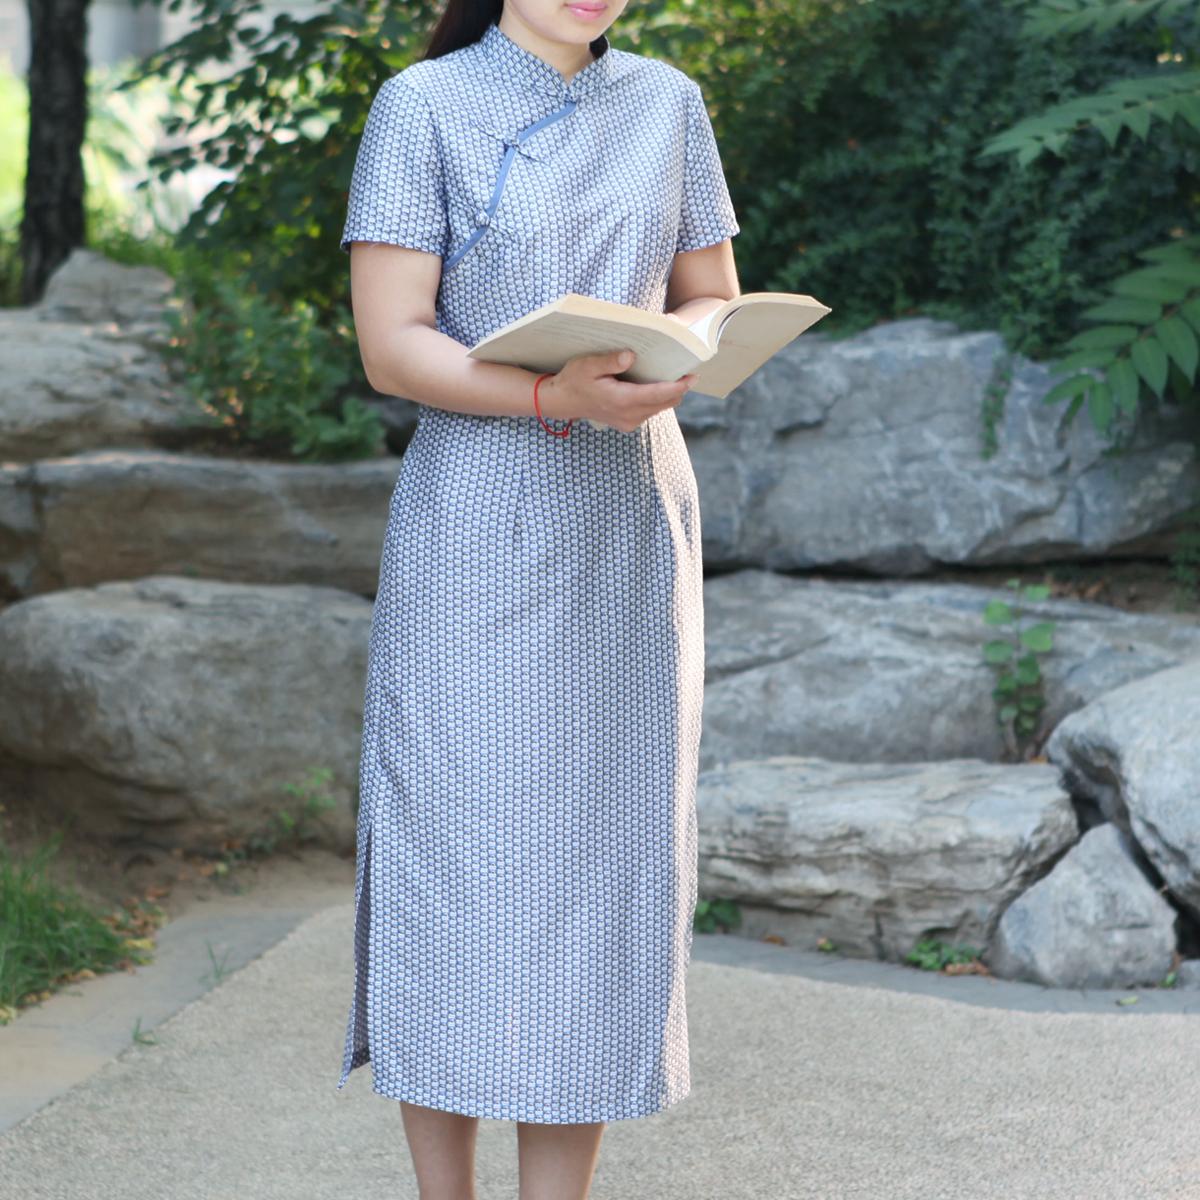 静轩 阿佑朵原创女装 旗袍复古中式改良中国风文艺短袖纯棉印花